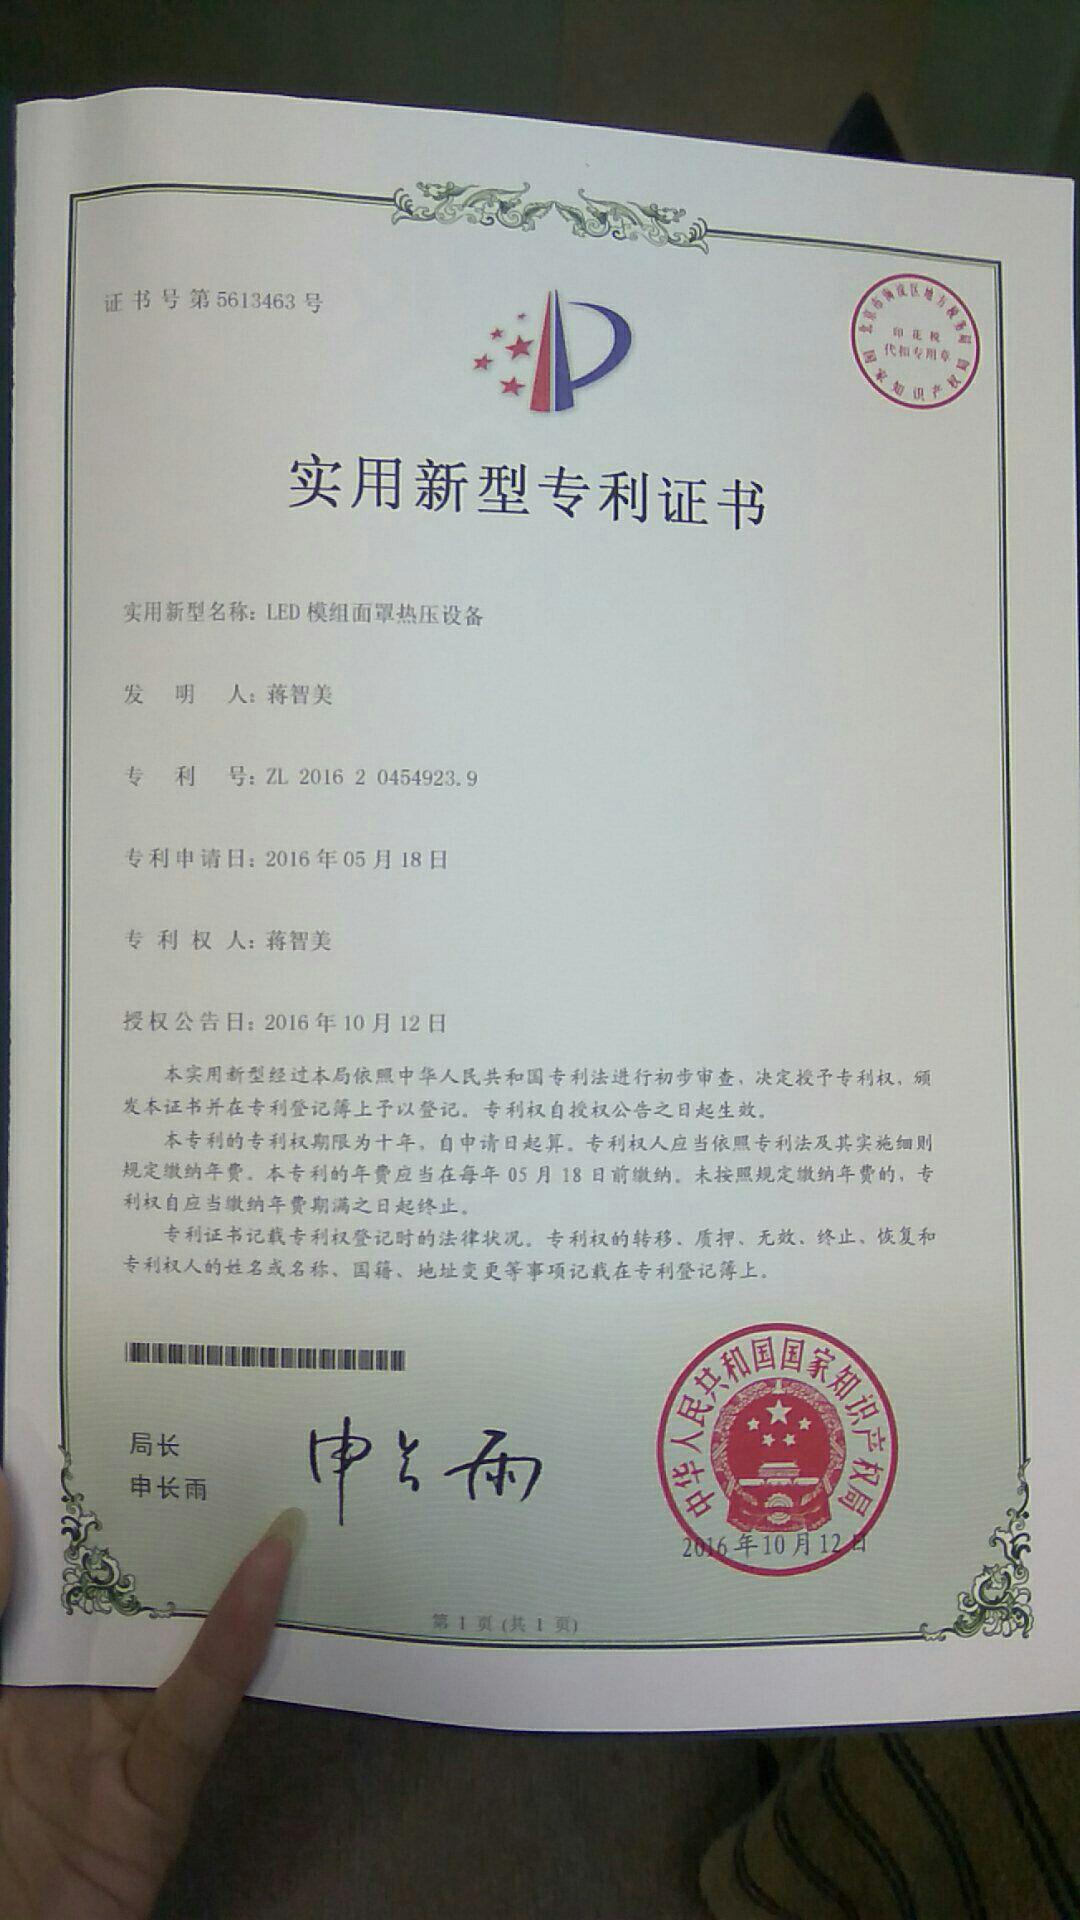 劲豹热压机专利